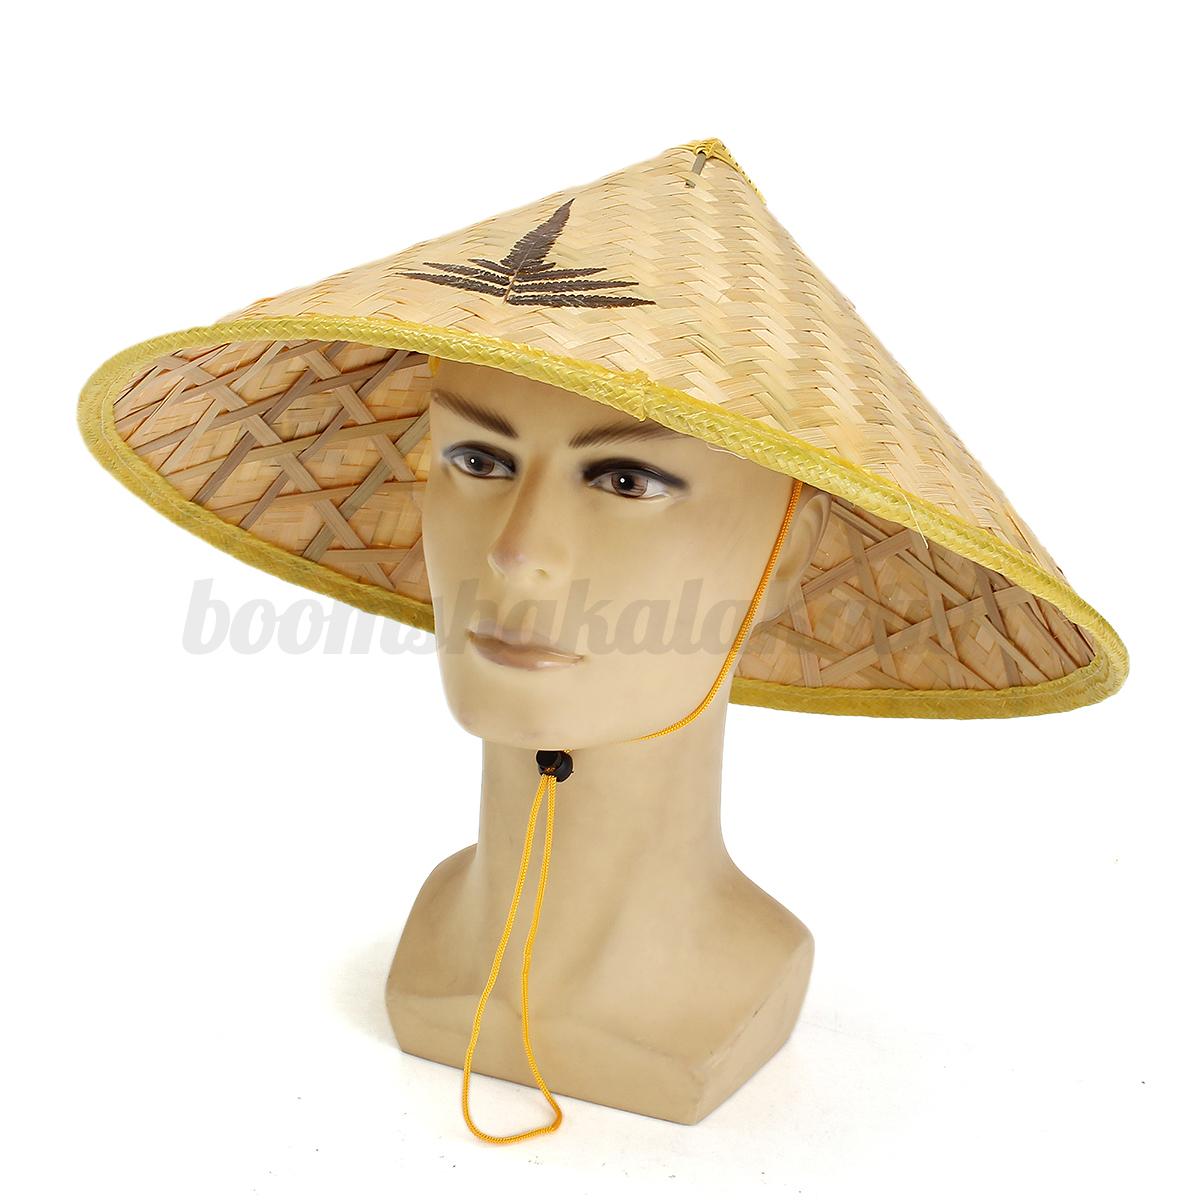 Coolie Hat: Vietnamese Oriental Asian Bamboo Woven Hat Cap Sun Coolie